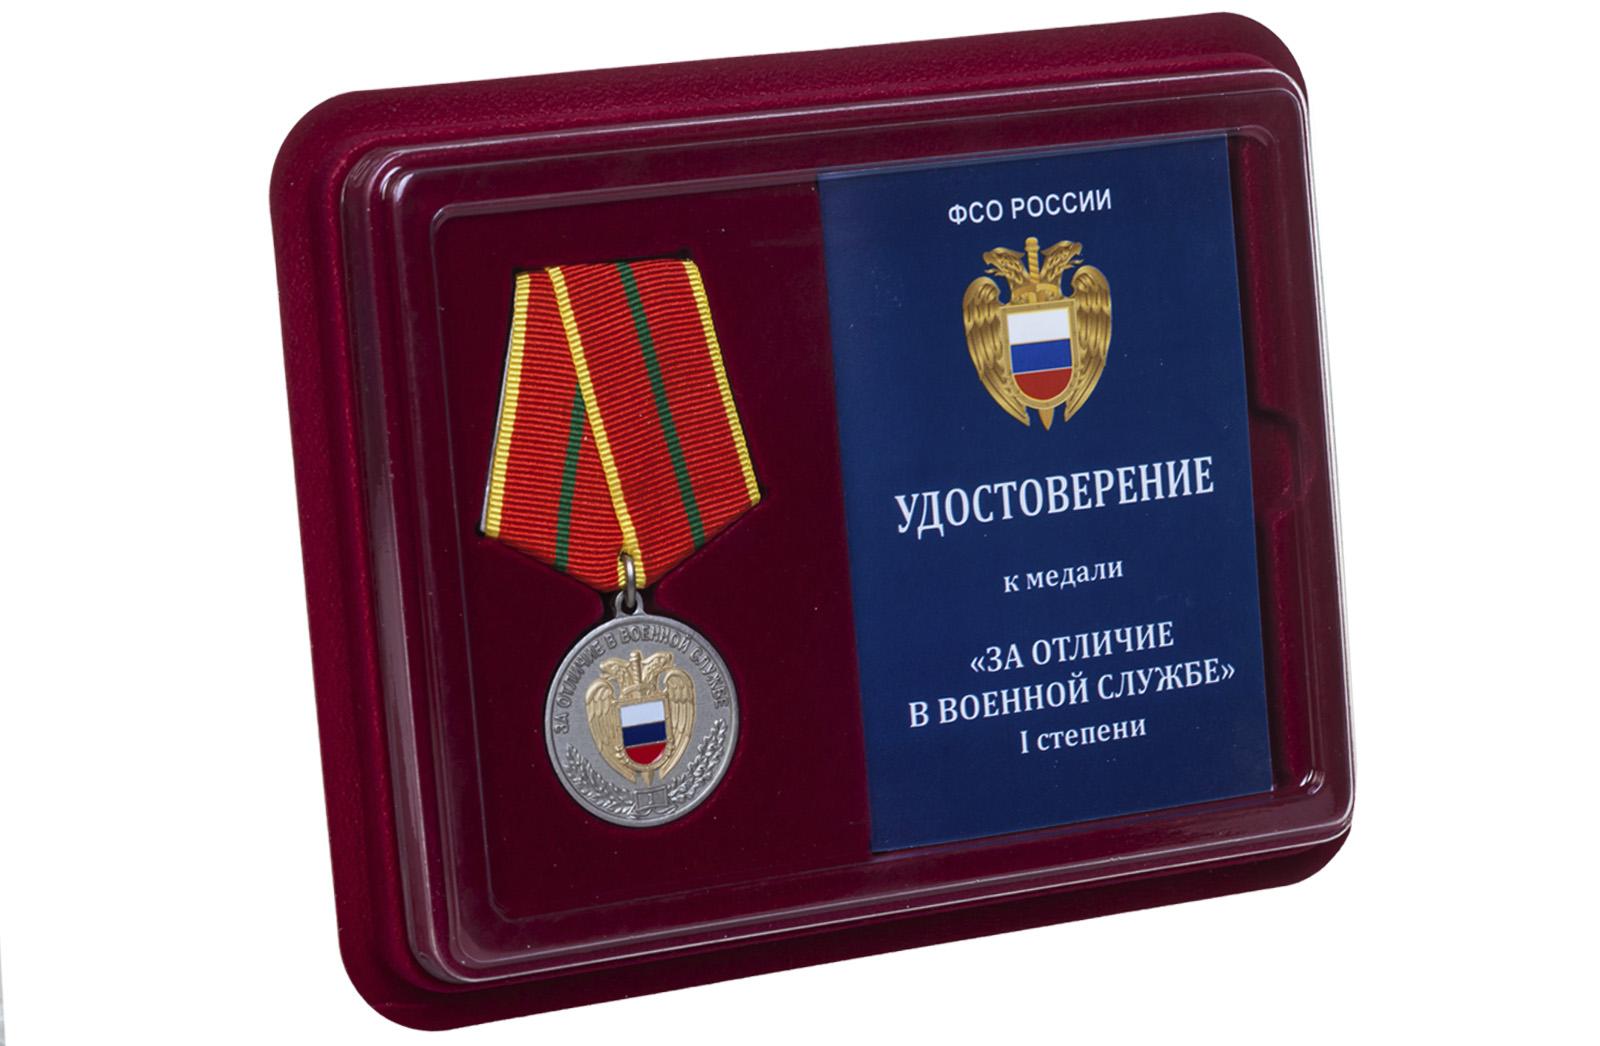 Купить медаль ФСО За отличие в военной службе 1 степени по лучшей цене